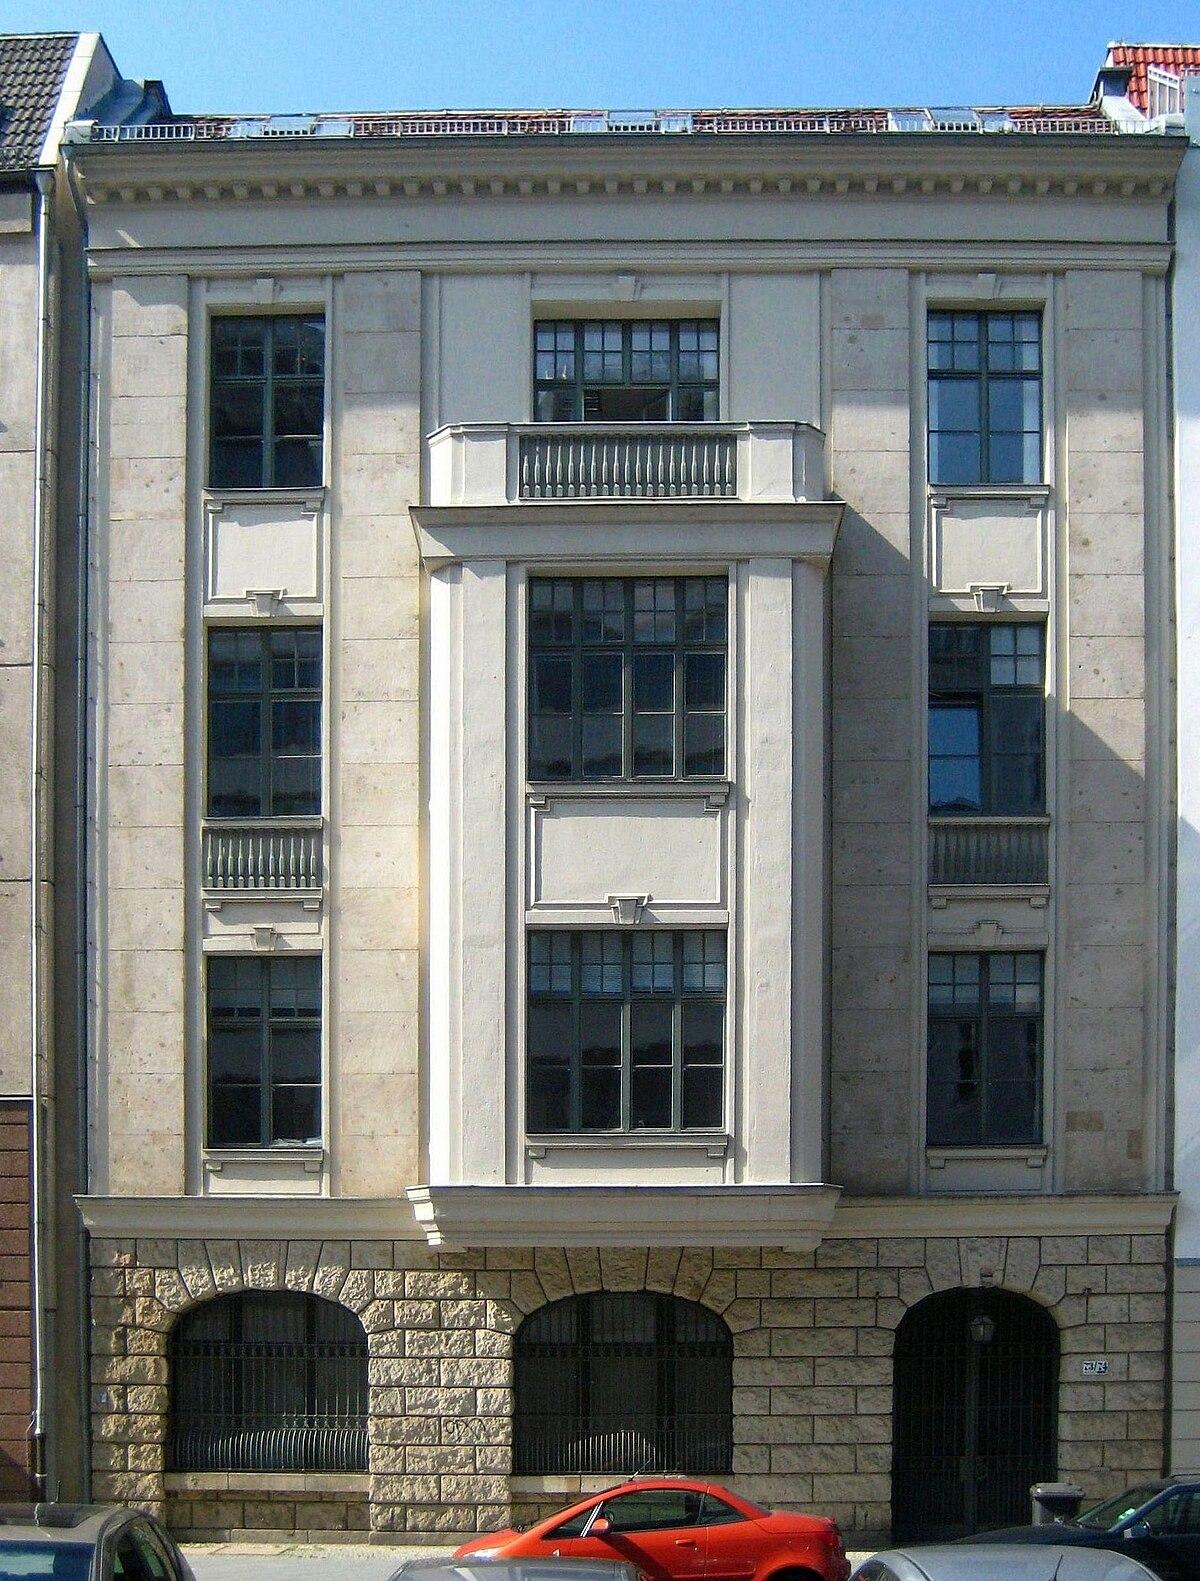 Berlin, Mitte, Kronenstraße 73-74, Wohn- und Geschäftshaus 01.jpg